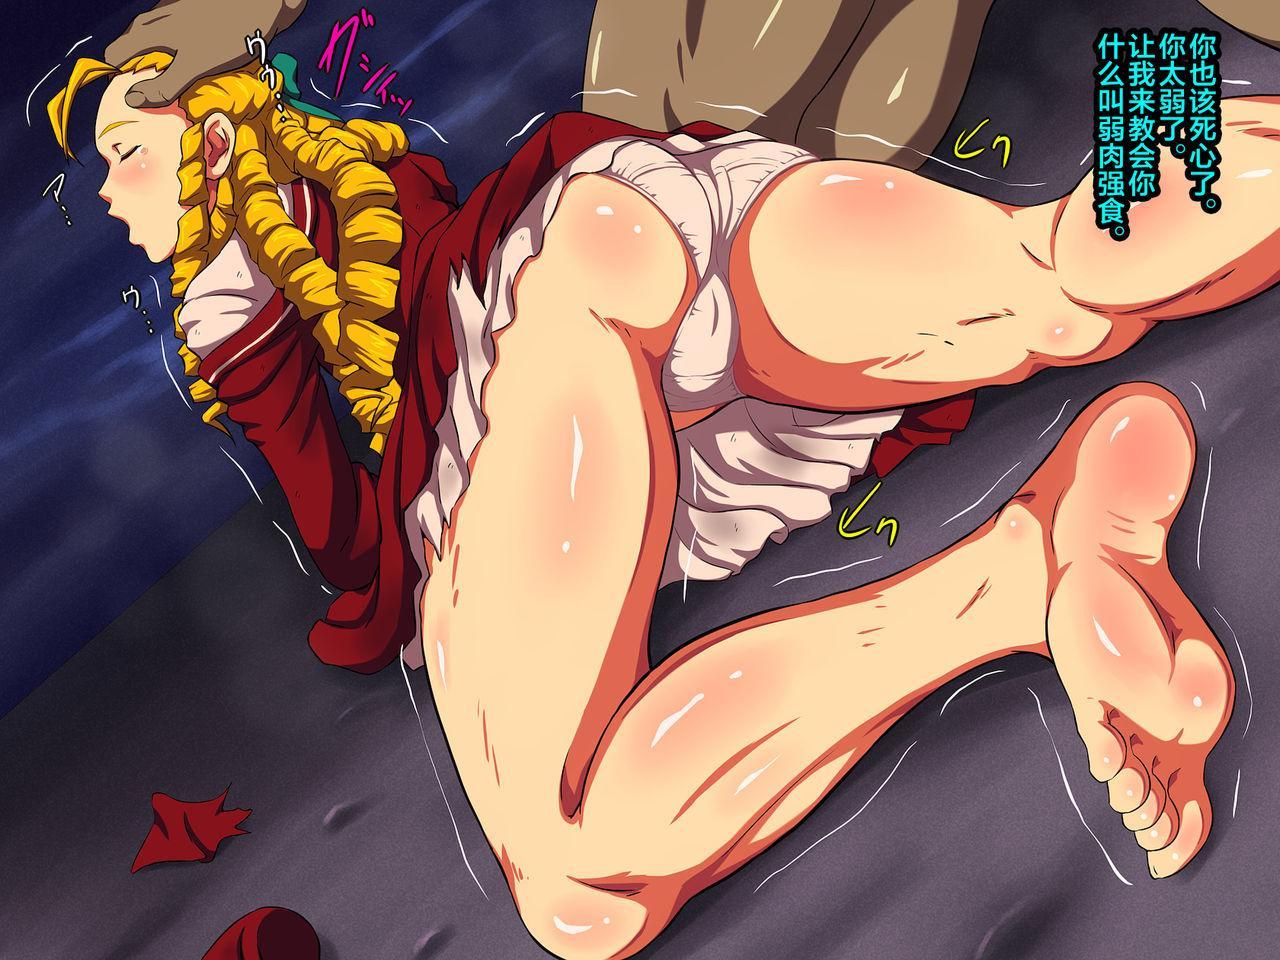 [L-u (Makura no Doushi)] Kegasareta Ojou-sama -Tights ni Shimiru Jiru- (Street Fighter) [Chinese] [新桥月白日语社] 129